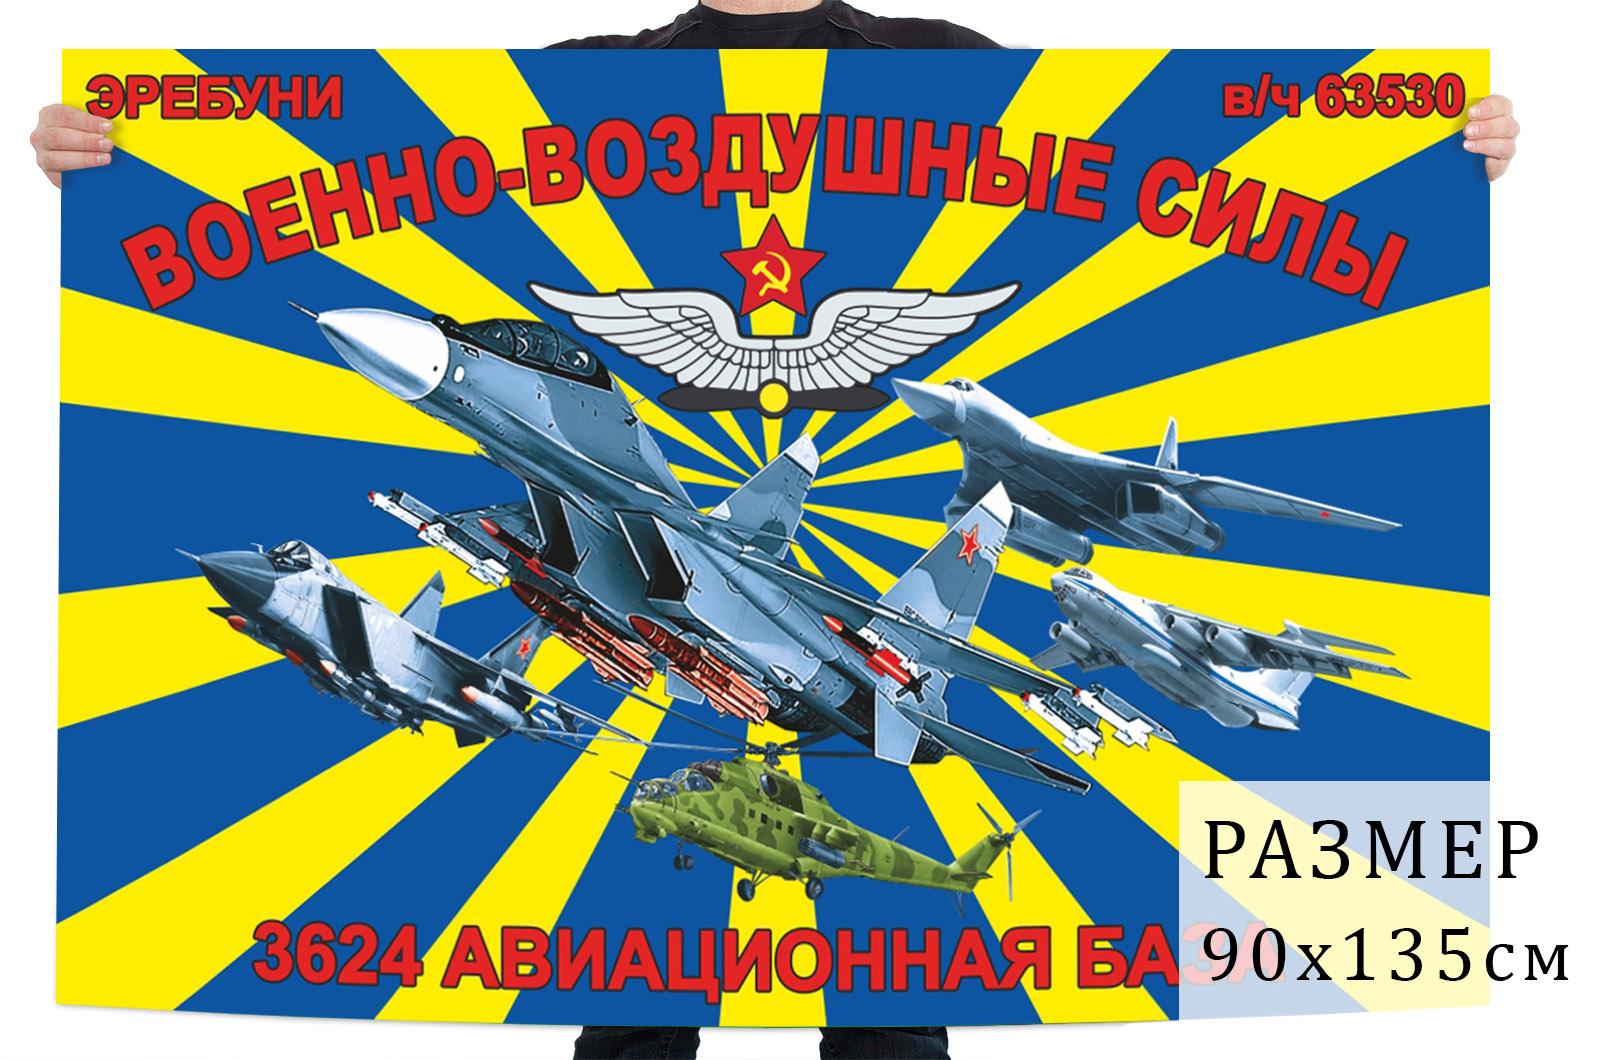 Купить флаг ВВС 3624 АВБ Эребуни, в/ч 63530